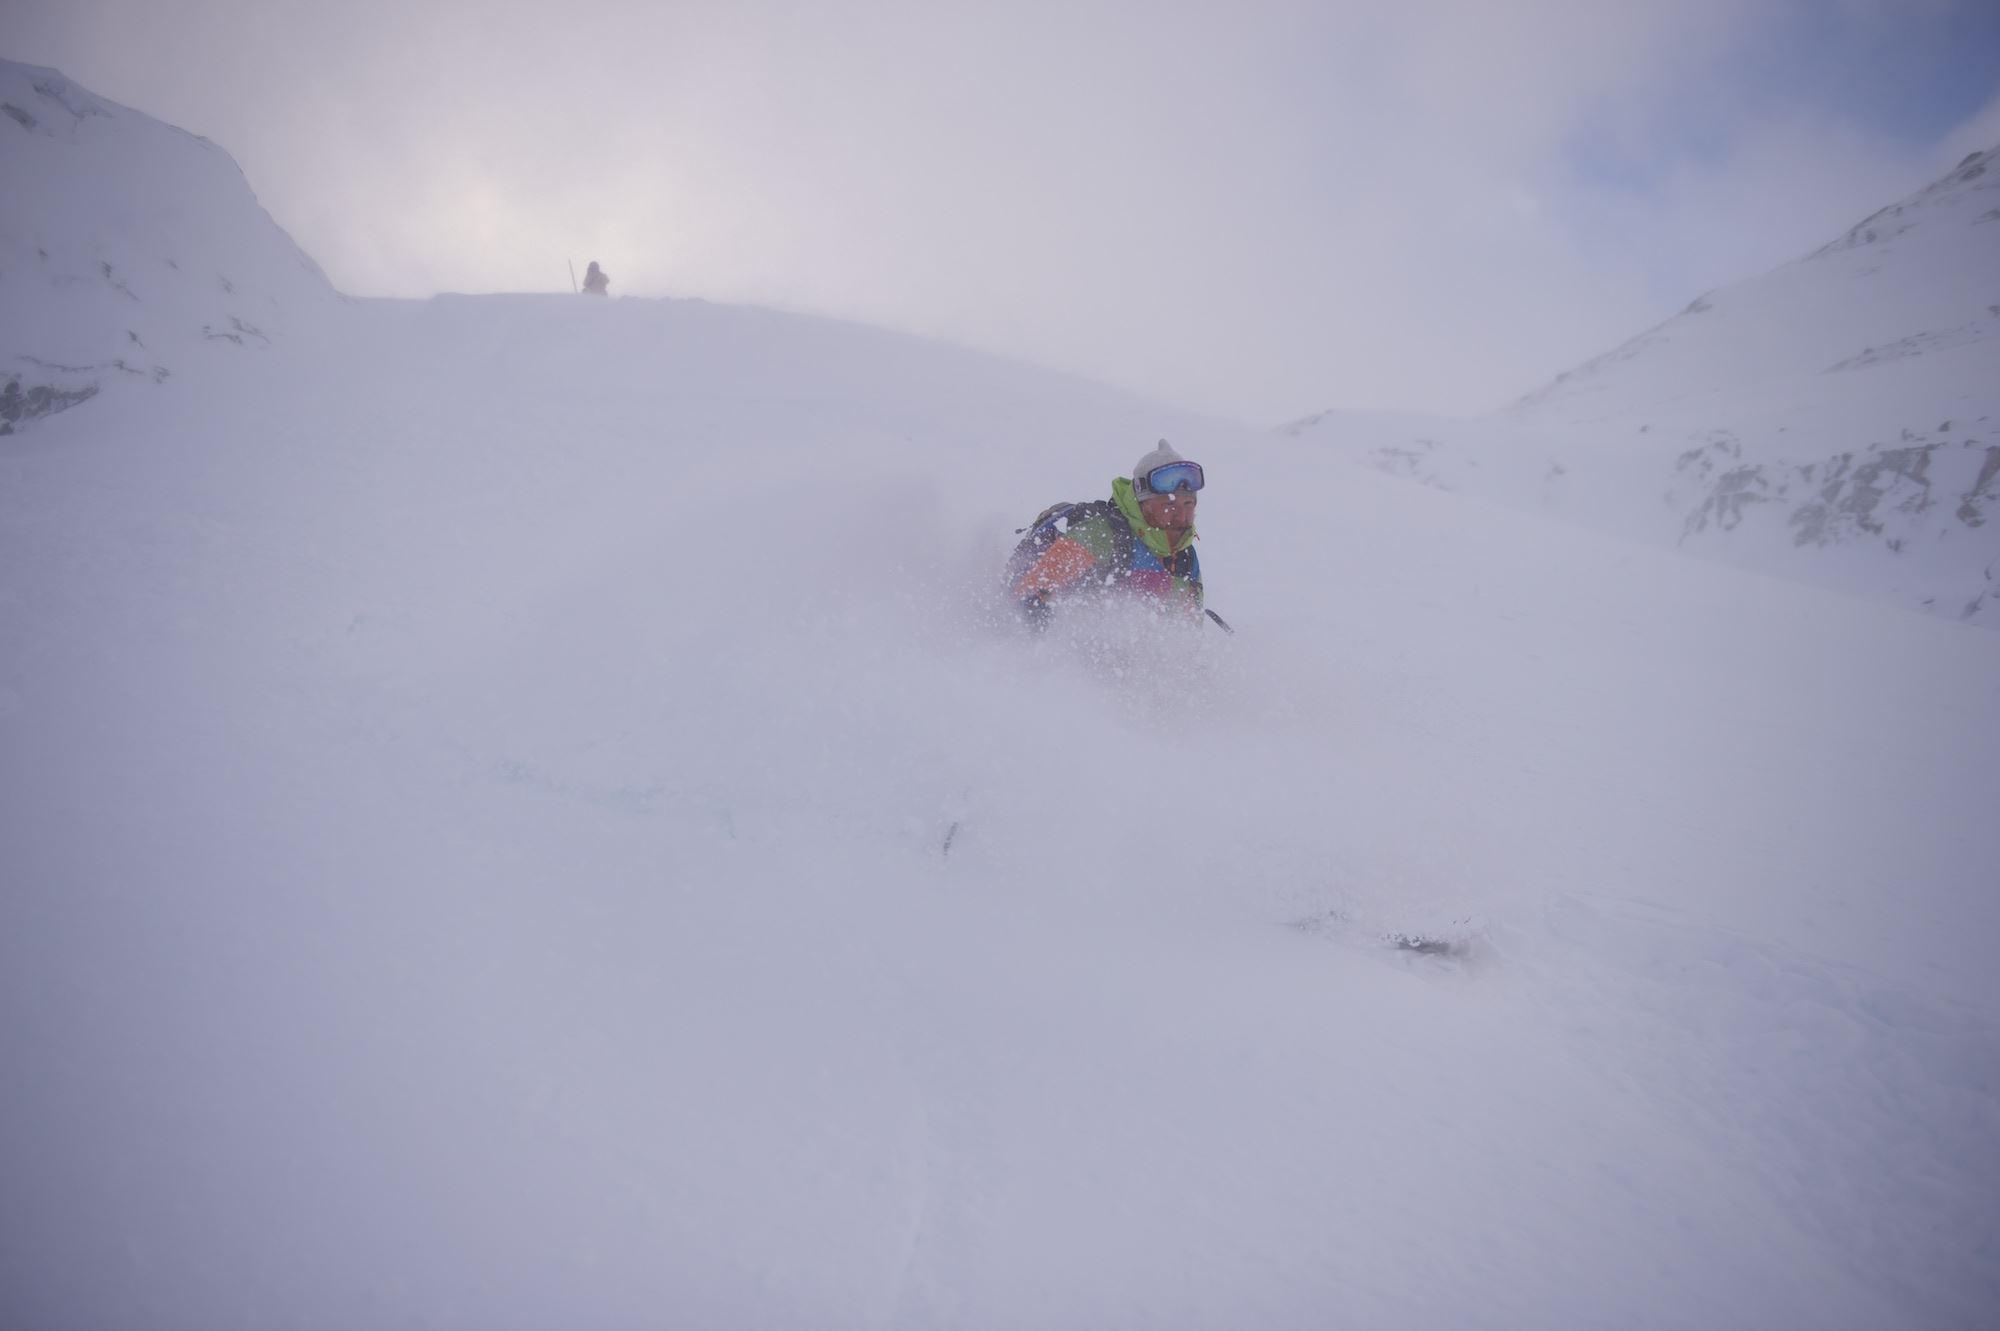 Lom Ski Festival